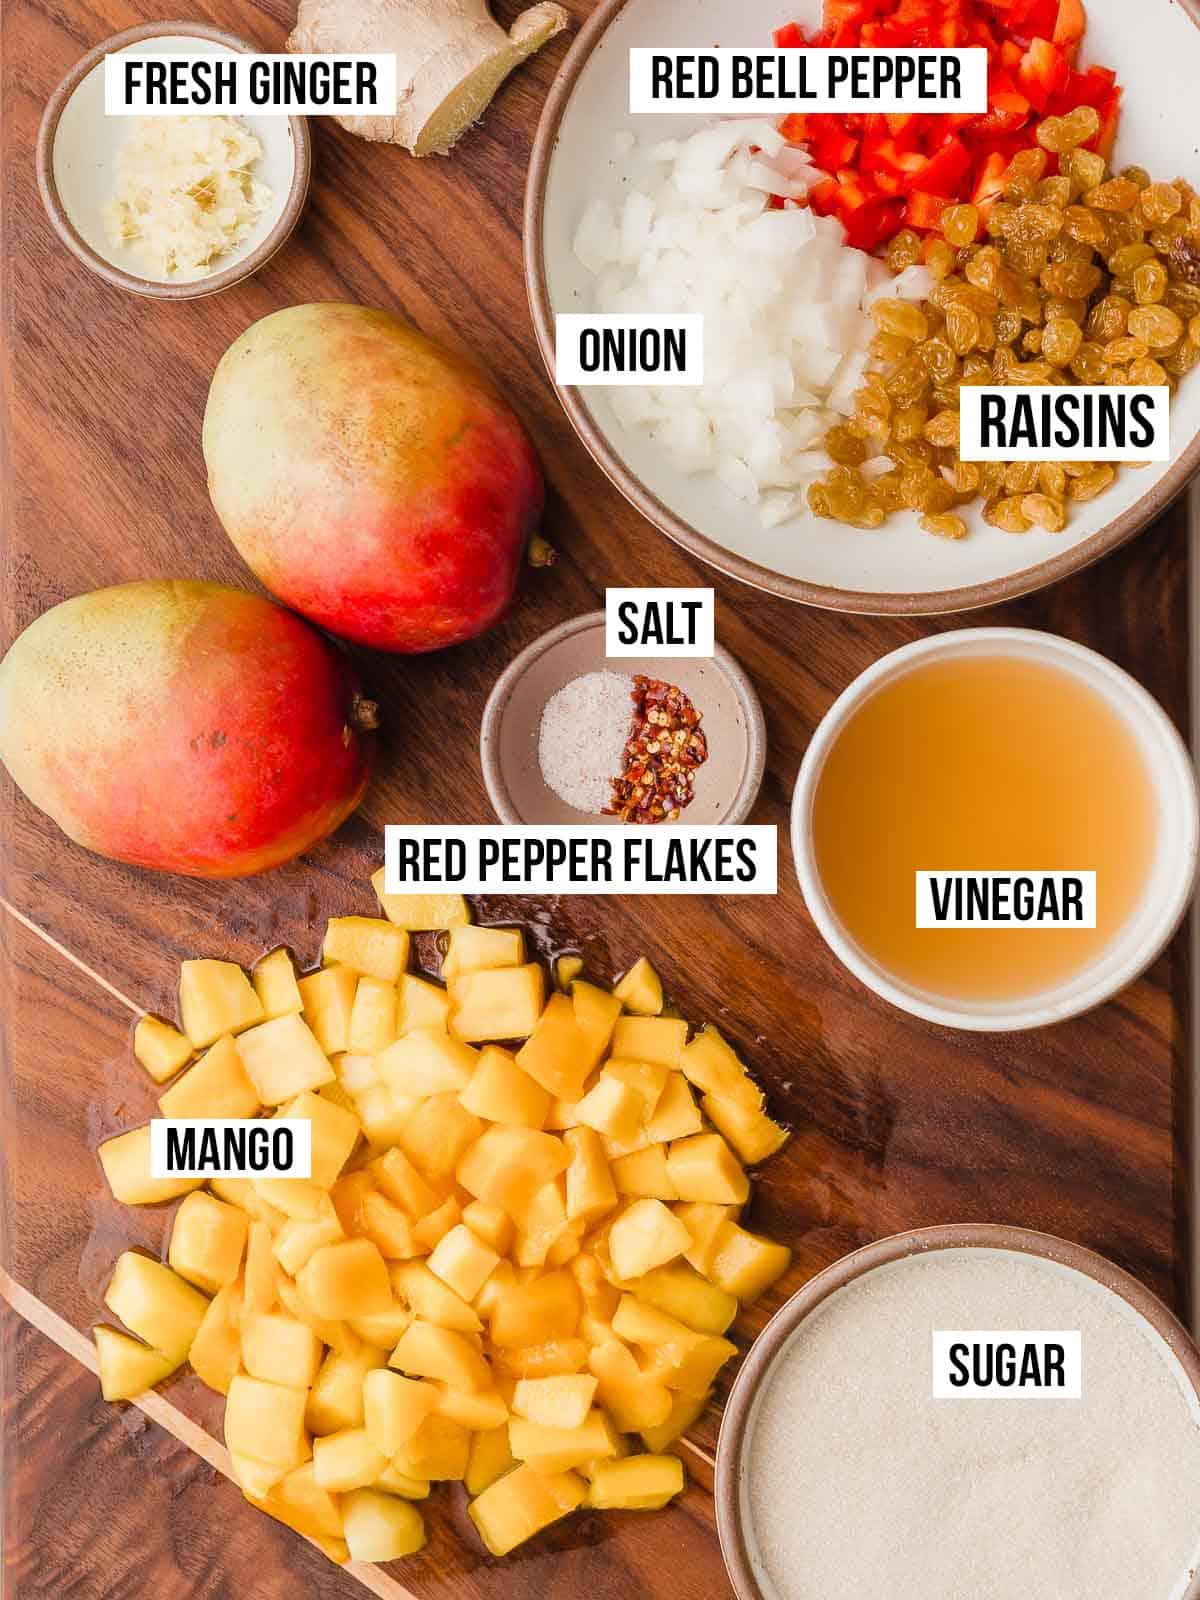 Mango Chutney ingredients on a cutting board.